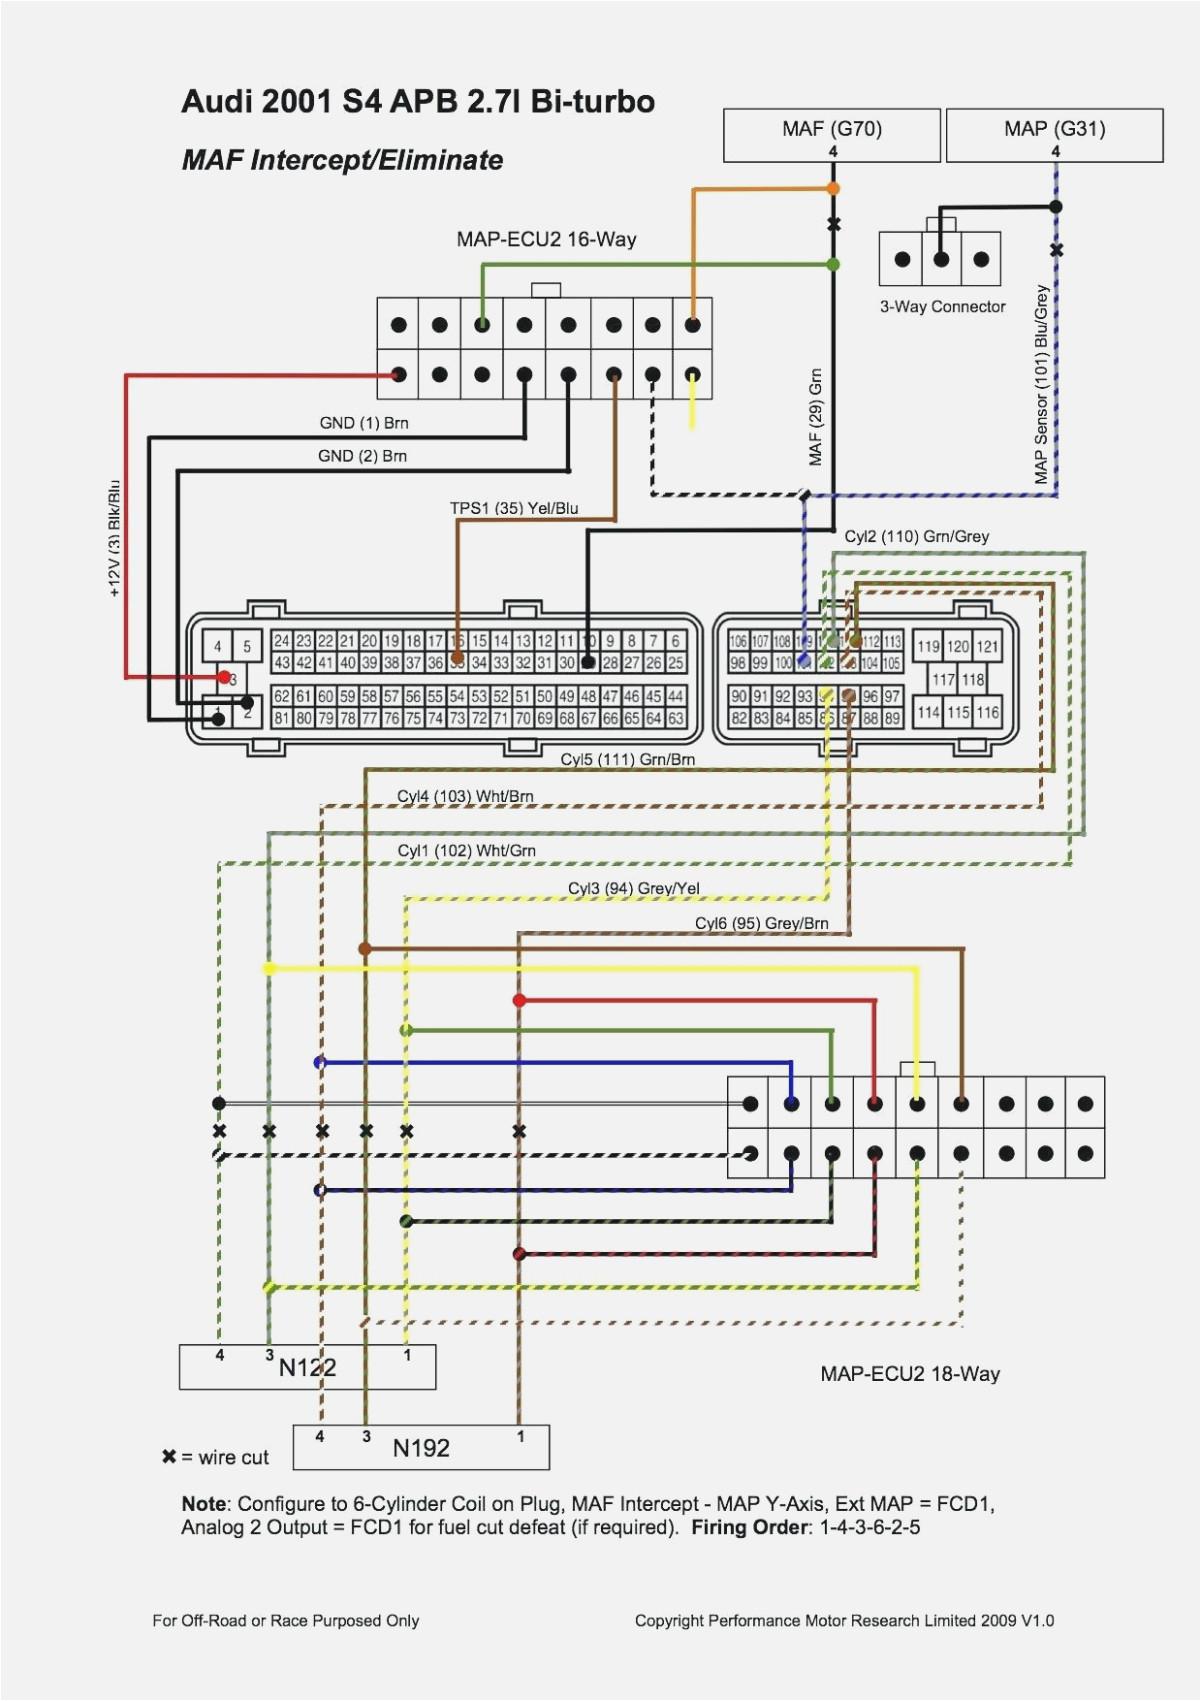 durango wiring schematics wiring diagram 2004 dodge durango 4x4 engine diagram wiring diagram note mix 2004